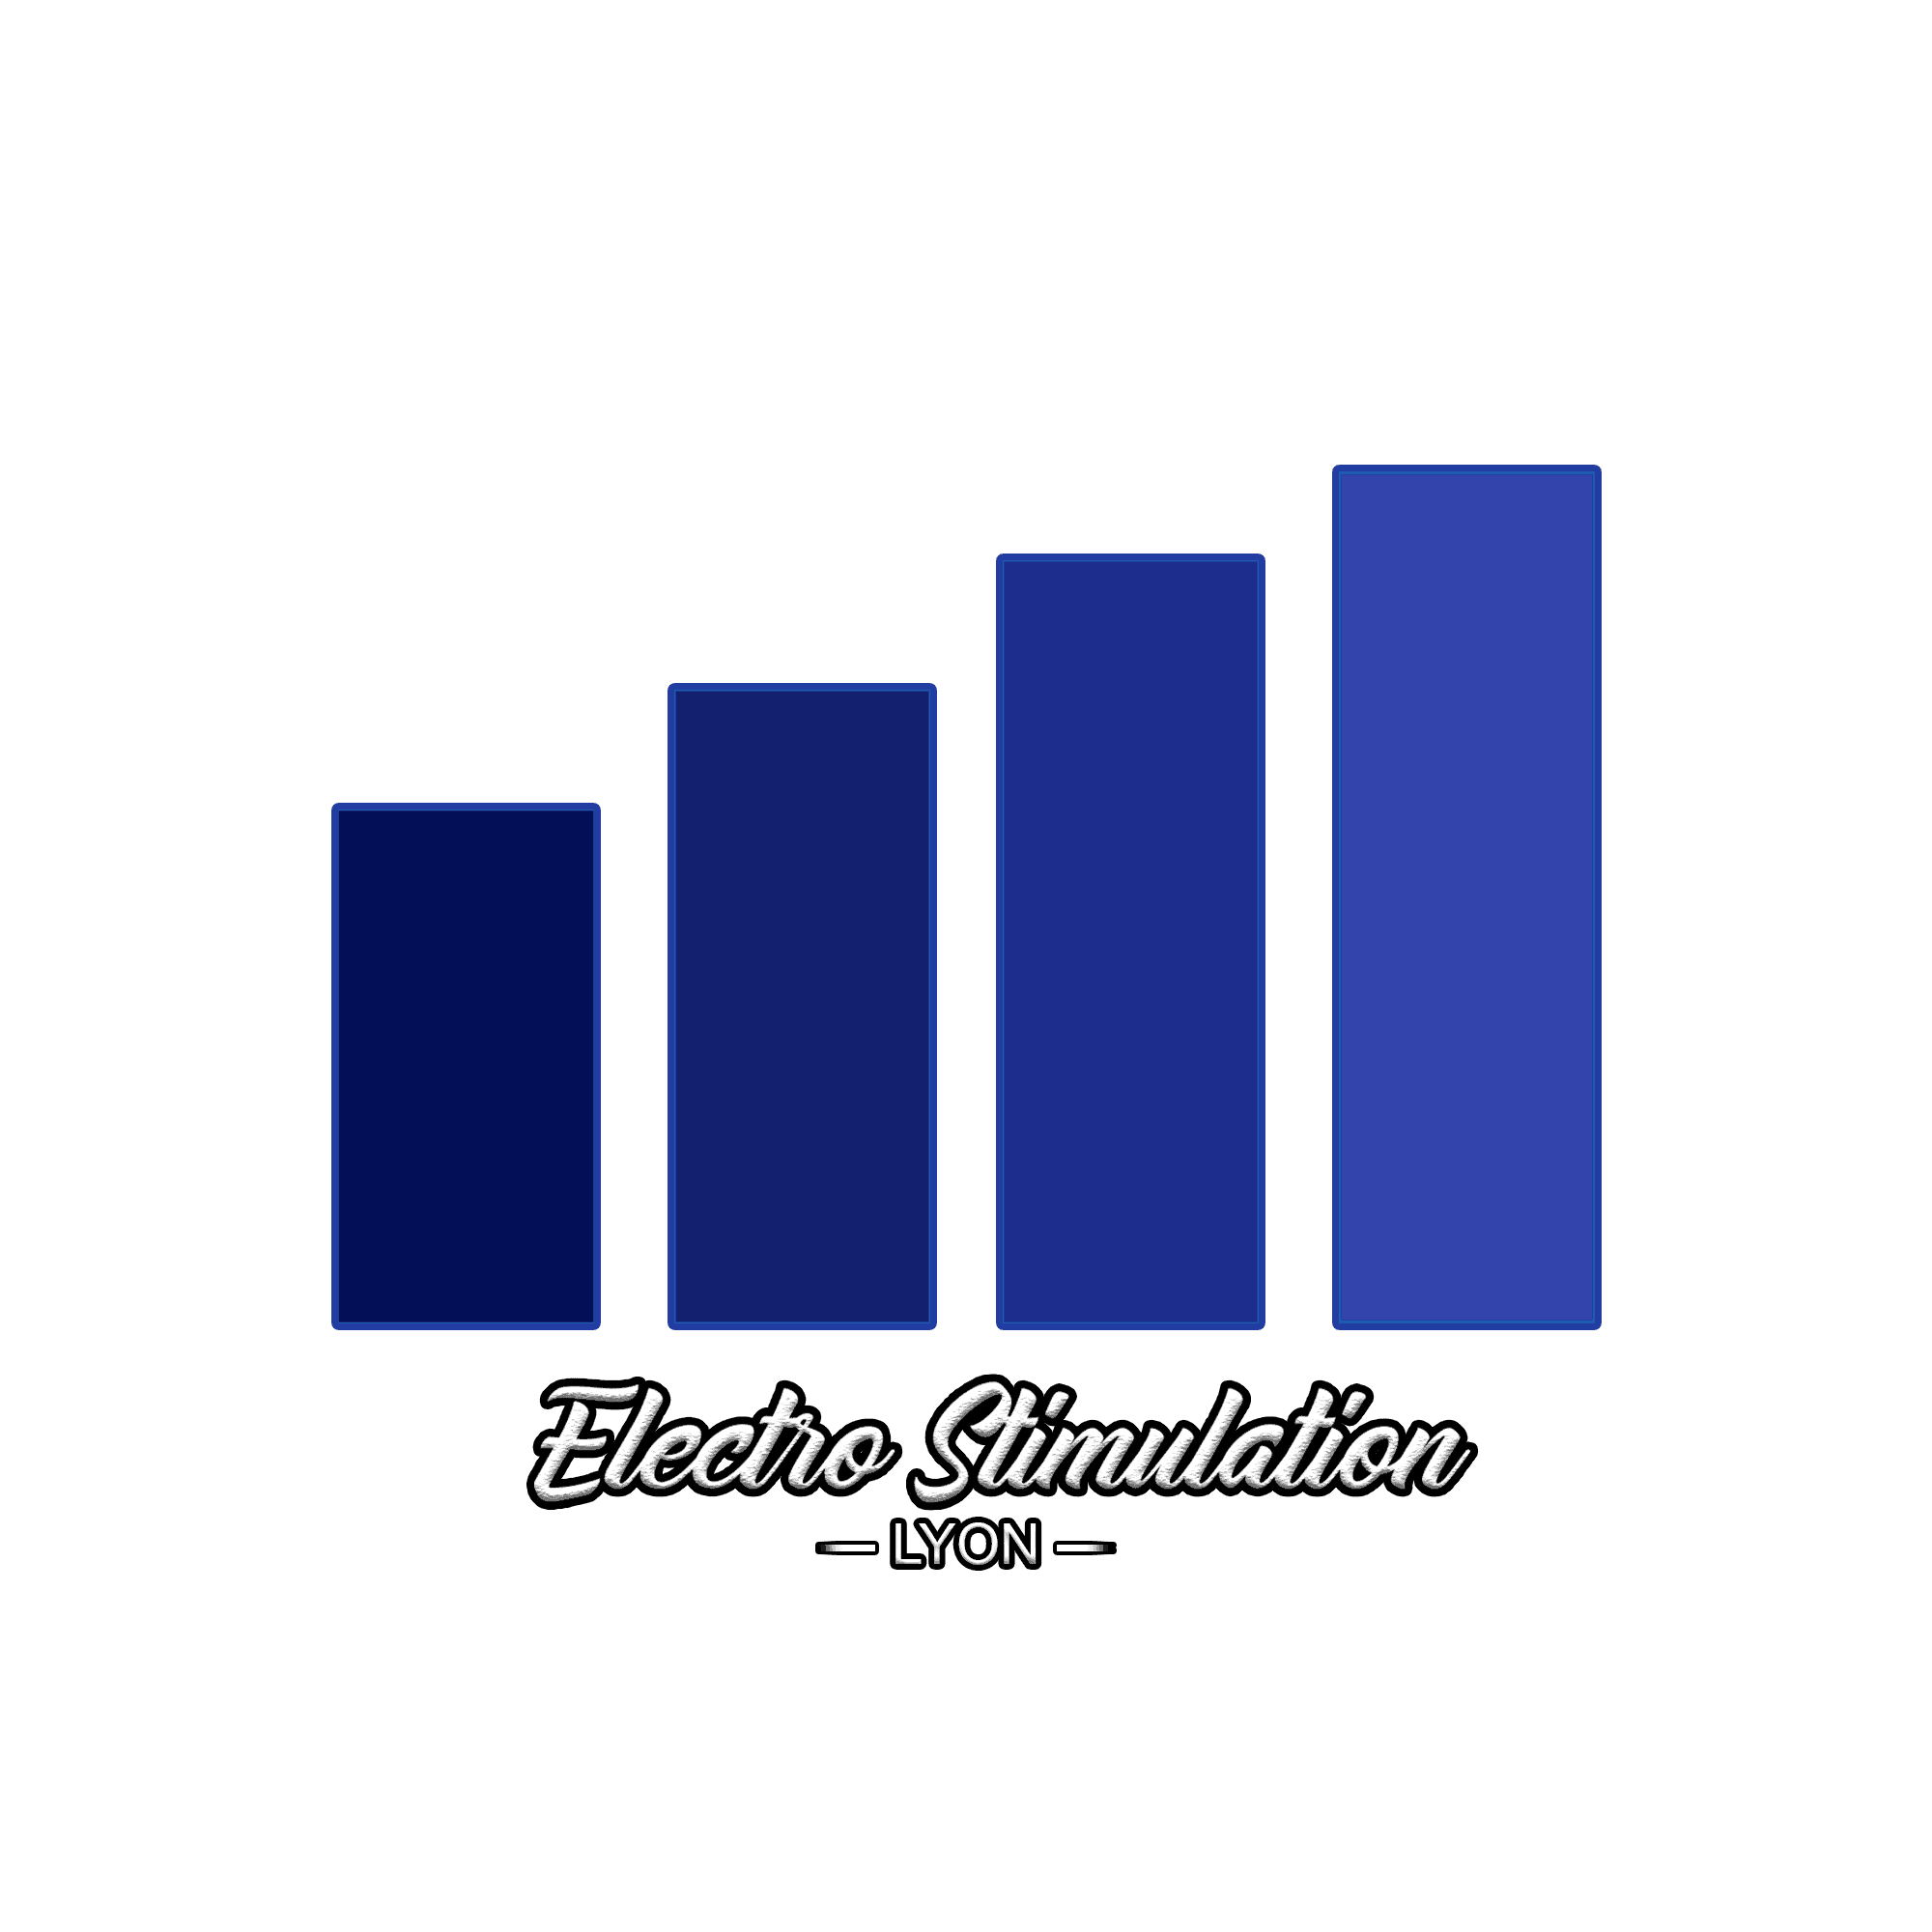 Logo de Ems lyon